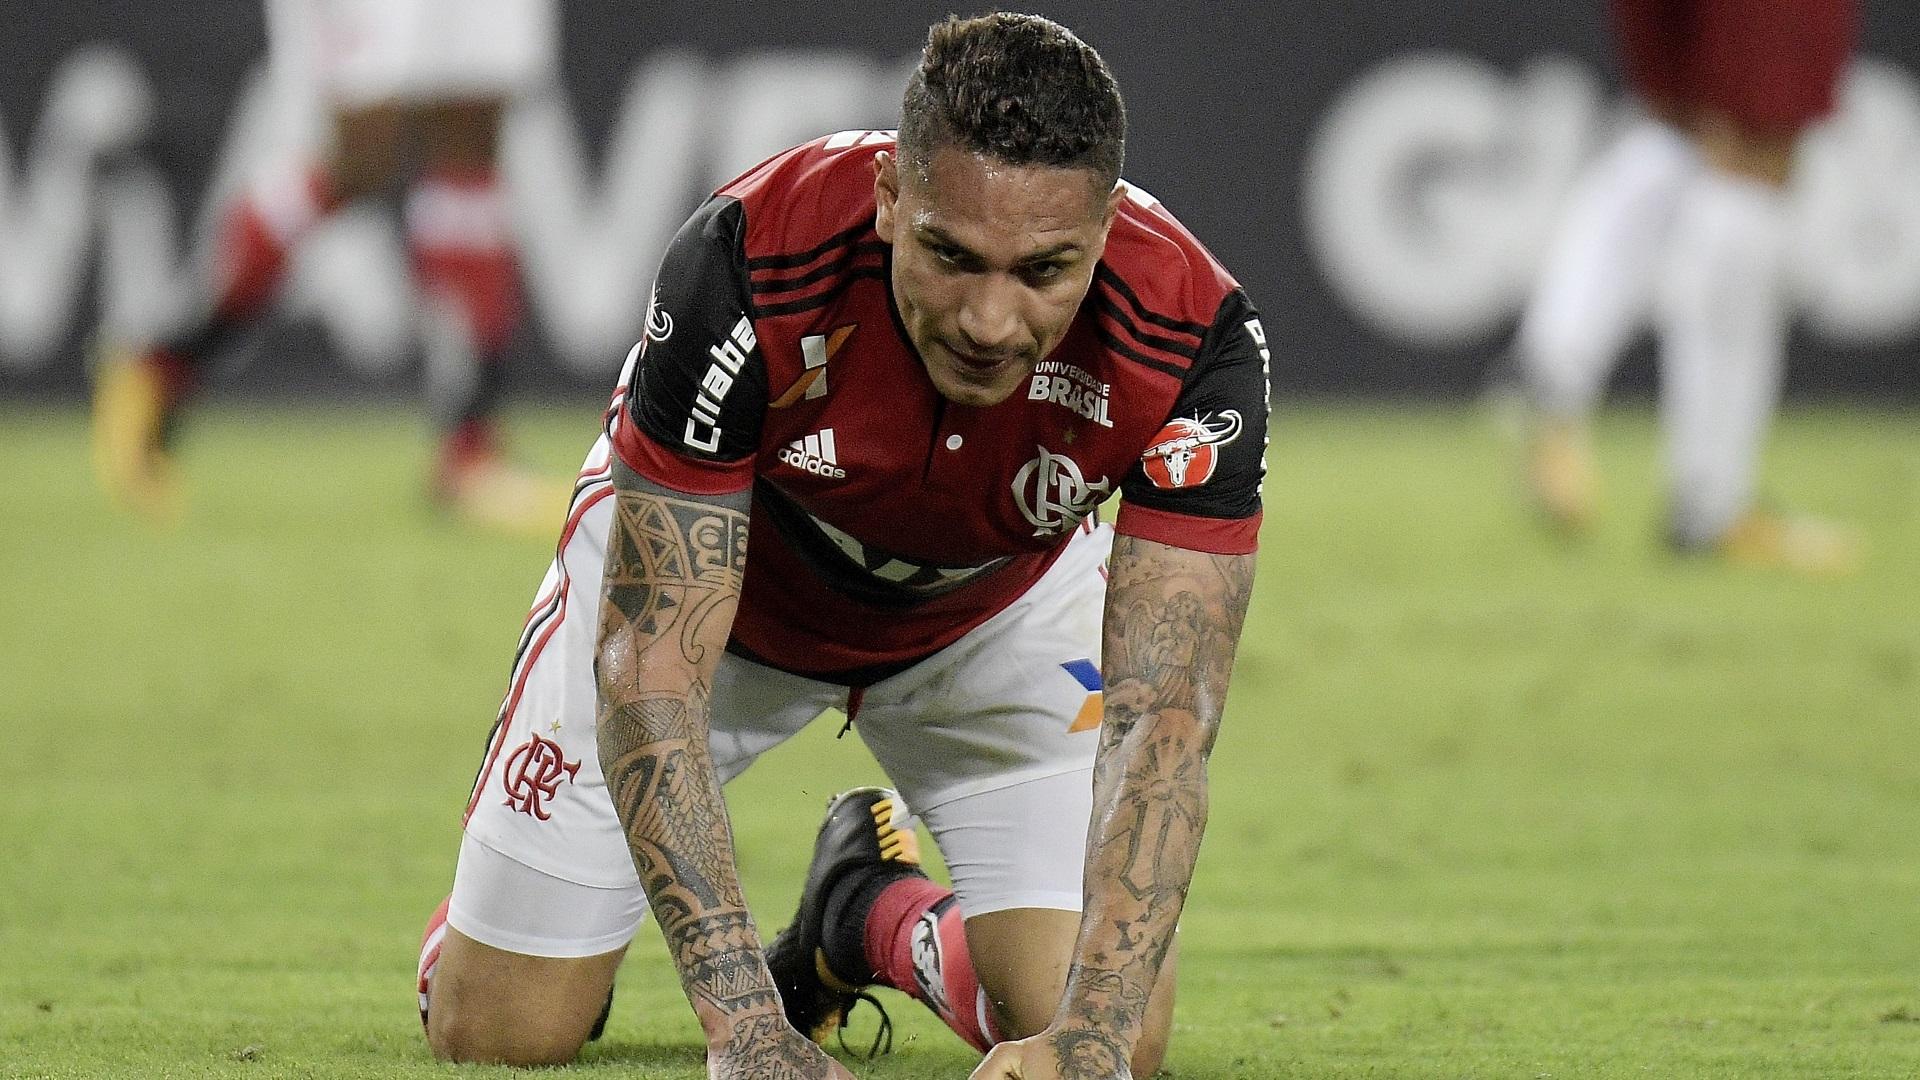 El delantero se perderá el repechaje de Perú y la semifinal de la Sudamericana con Flamengo (Getty)